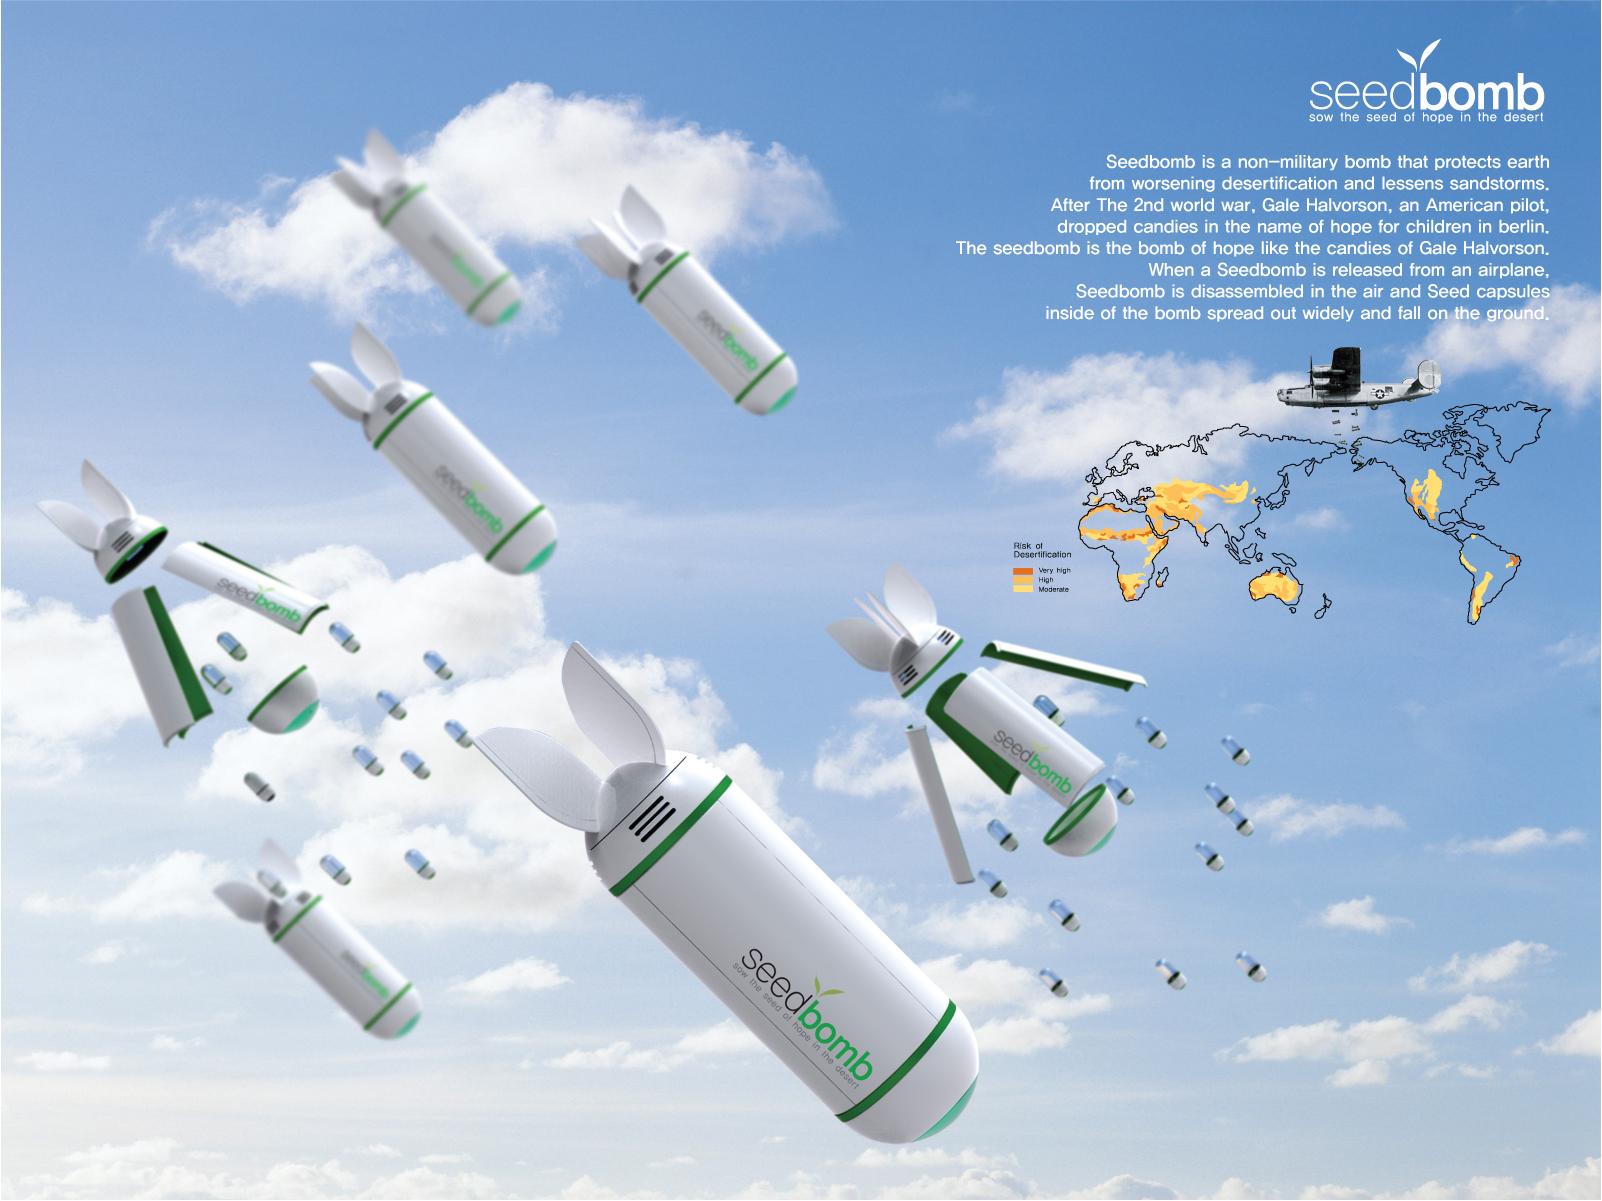 Bombardeo de semillas para reforestar la Tierra